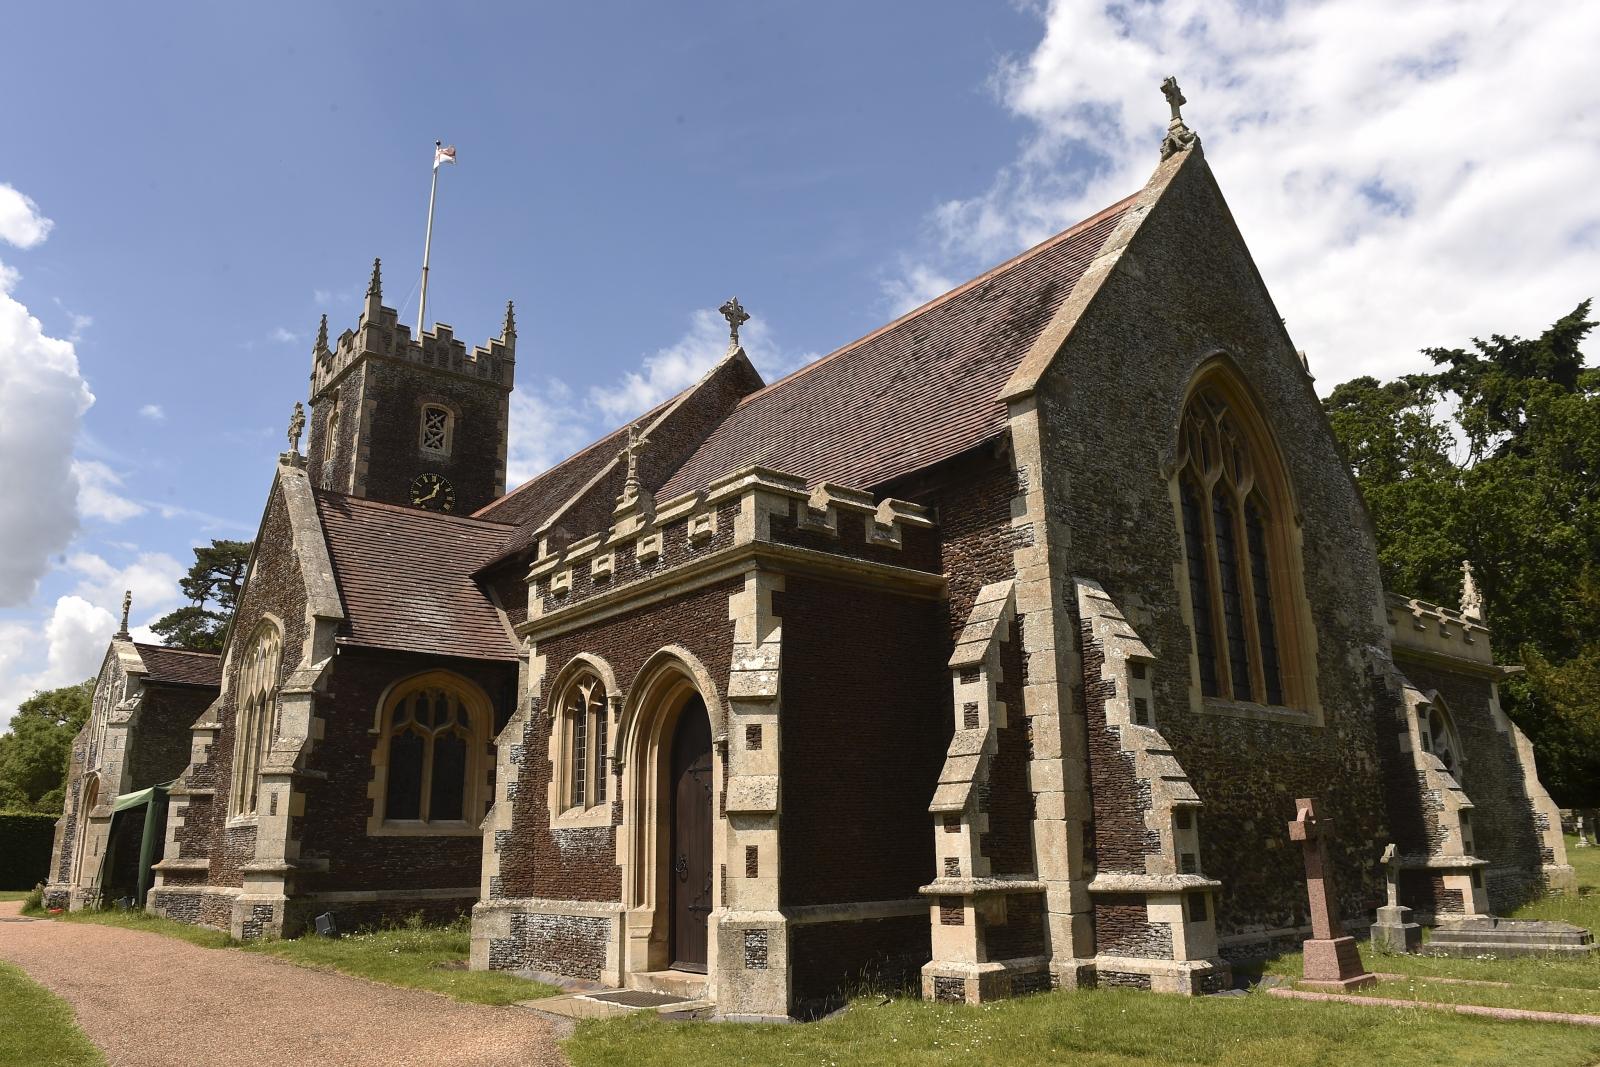 MARY MAGDALENE CHURCH